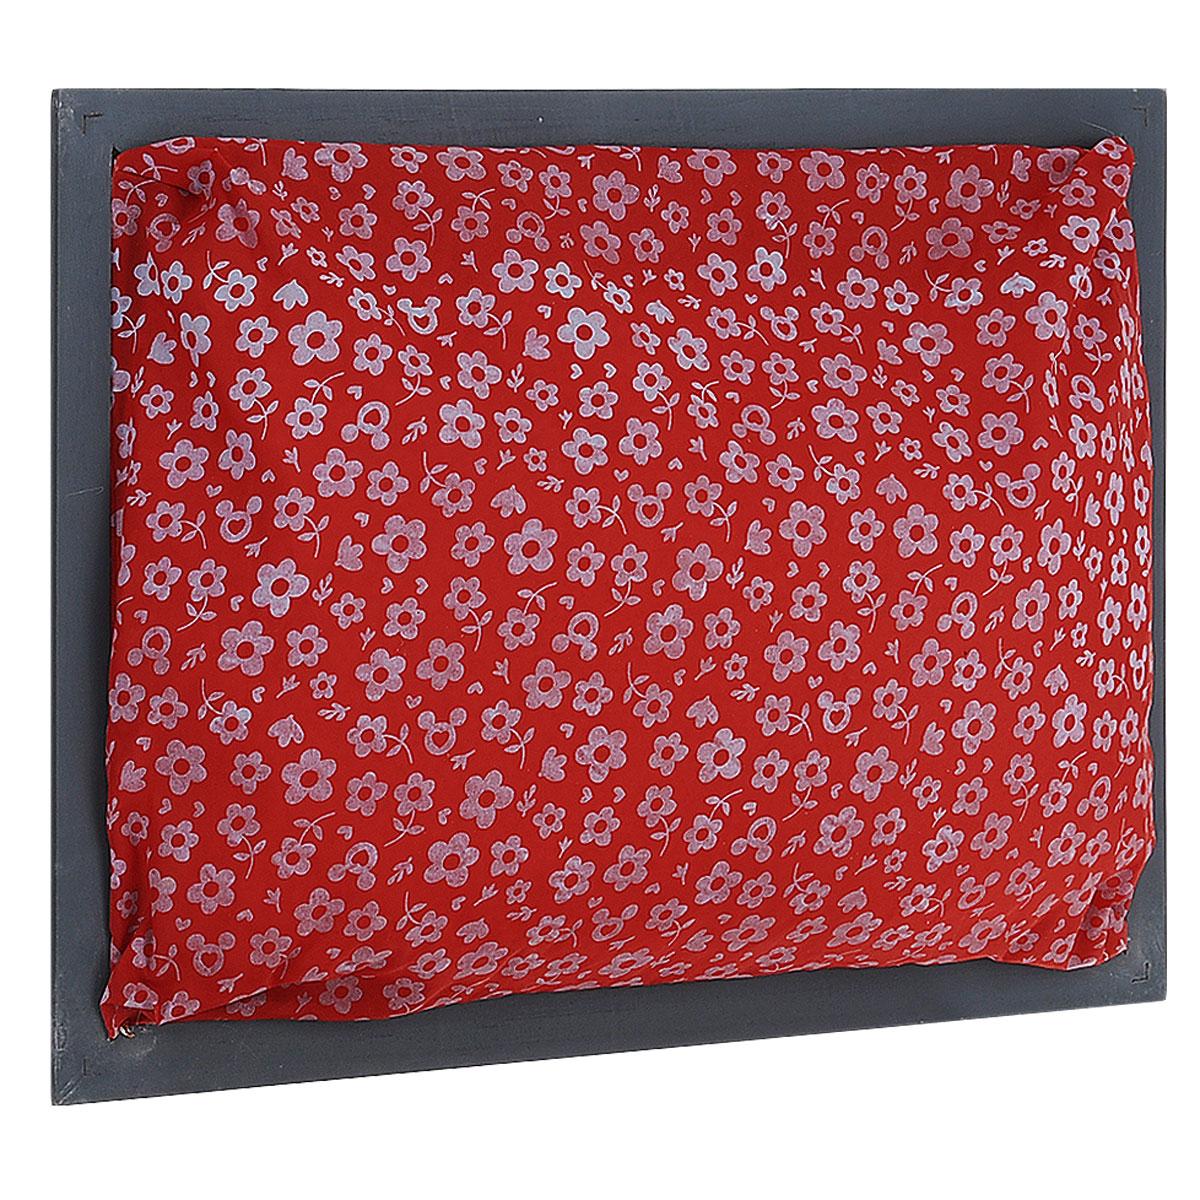 """Столик-поднос Disney """"Минни Маус"""", с подушкой, цвет: красный, черный, 44 х 34 х 8 см ( 61245_красный, черный )"""